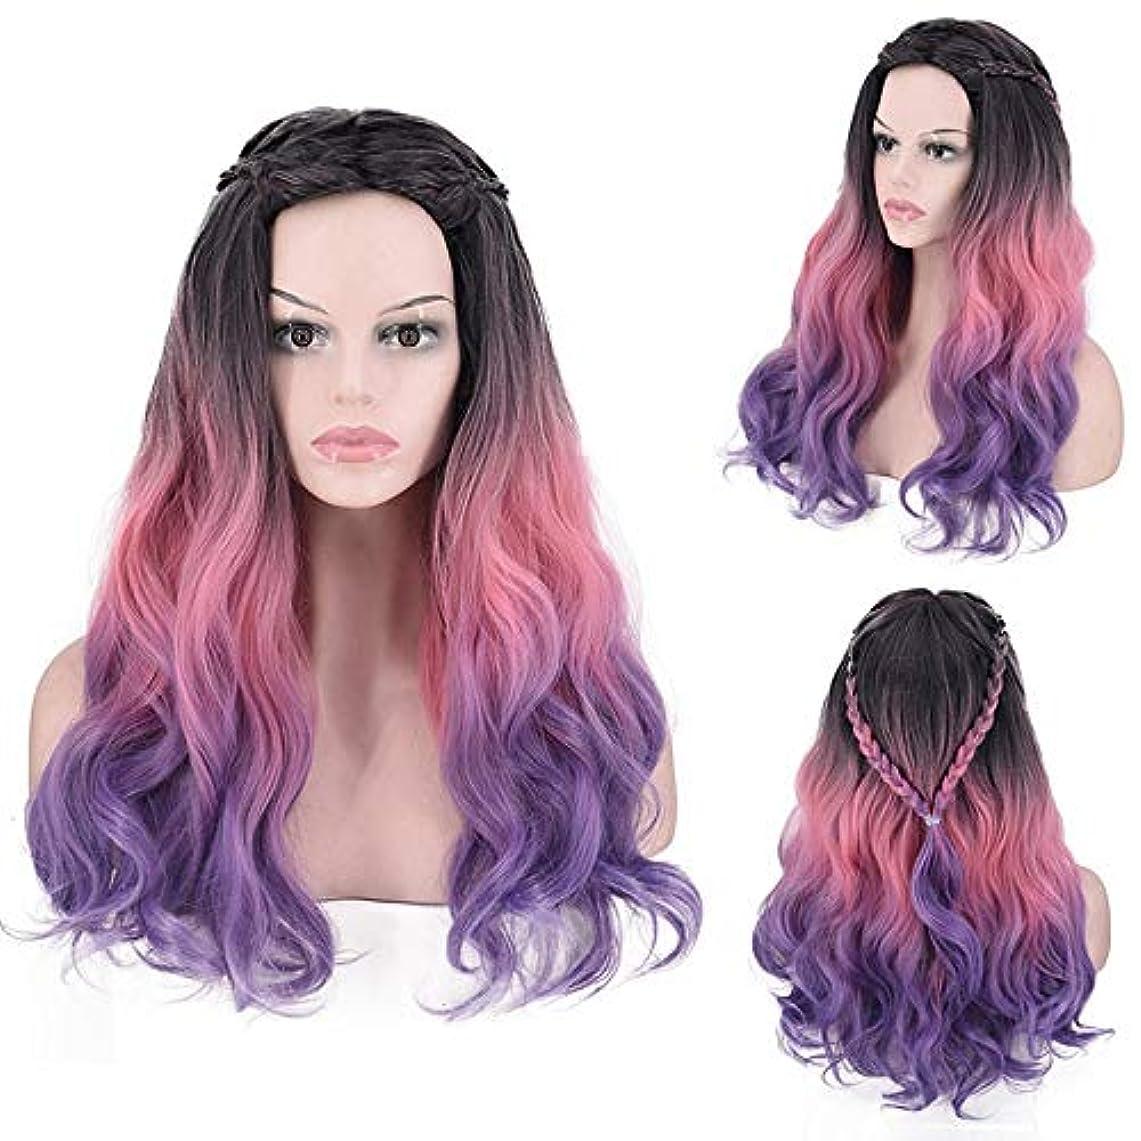 位置するナンセンス誕生HOHYLLYA 長い巻き毛のかつら紫色の人工毛ウィッグ毎日のかつらコスプレ衣装ハロウィンドレス女性の合成かつらレースかつらロールプレイングかつら (色 : Photo Color)